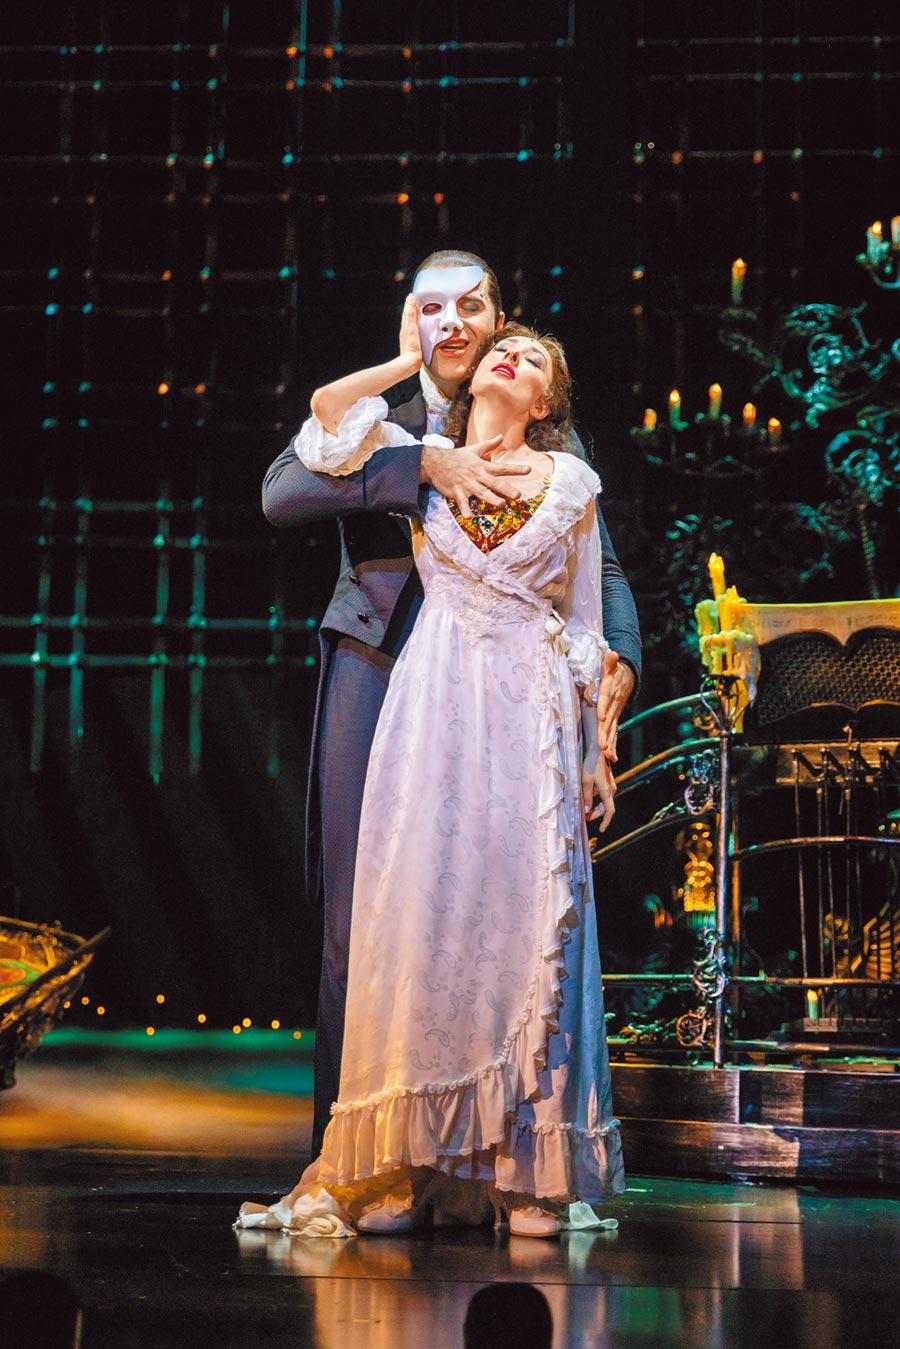 《歌劇魅影》已活躍超過30年,是劇迷此生首要必看音樂劇。(寬宏藝術提供)